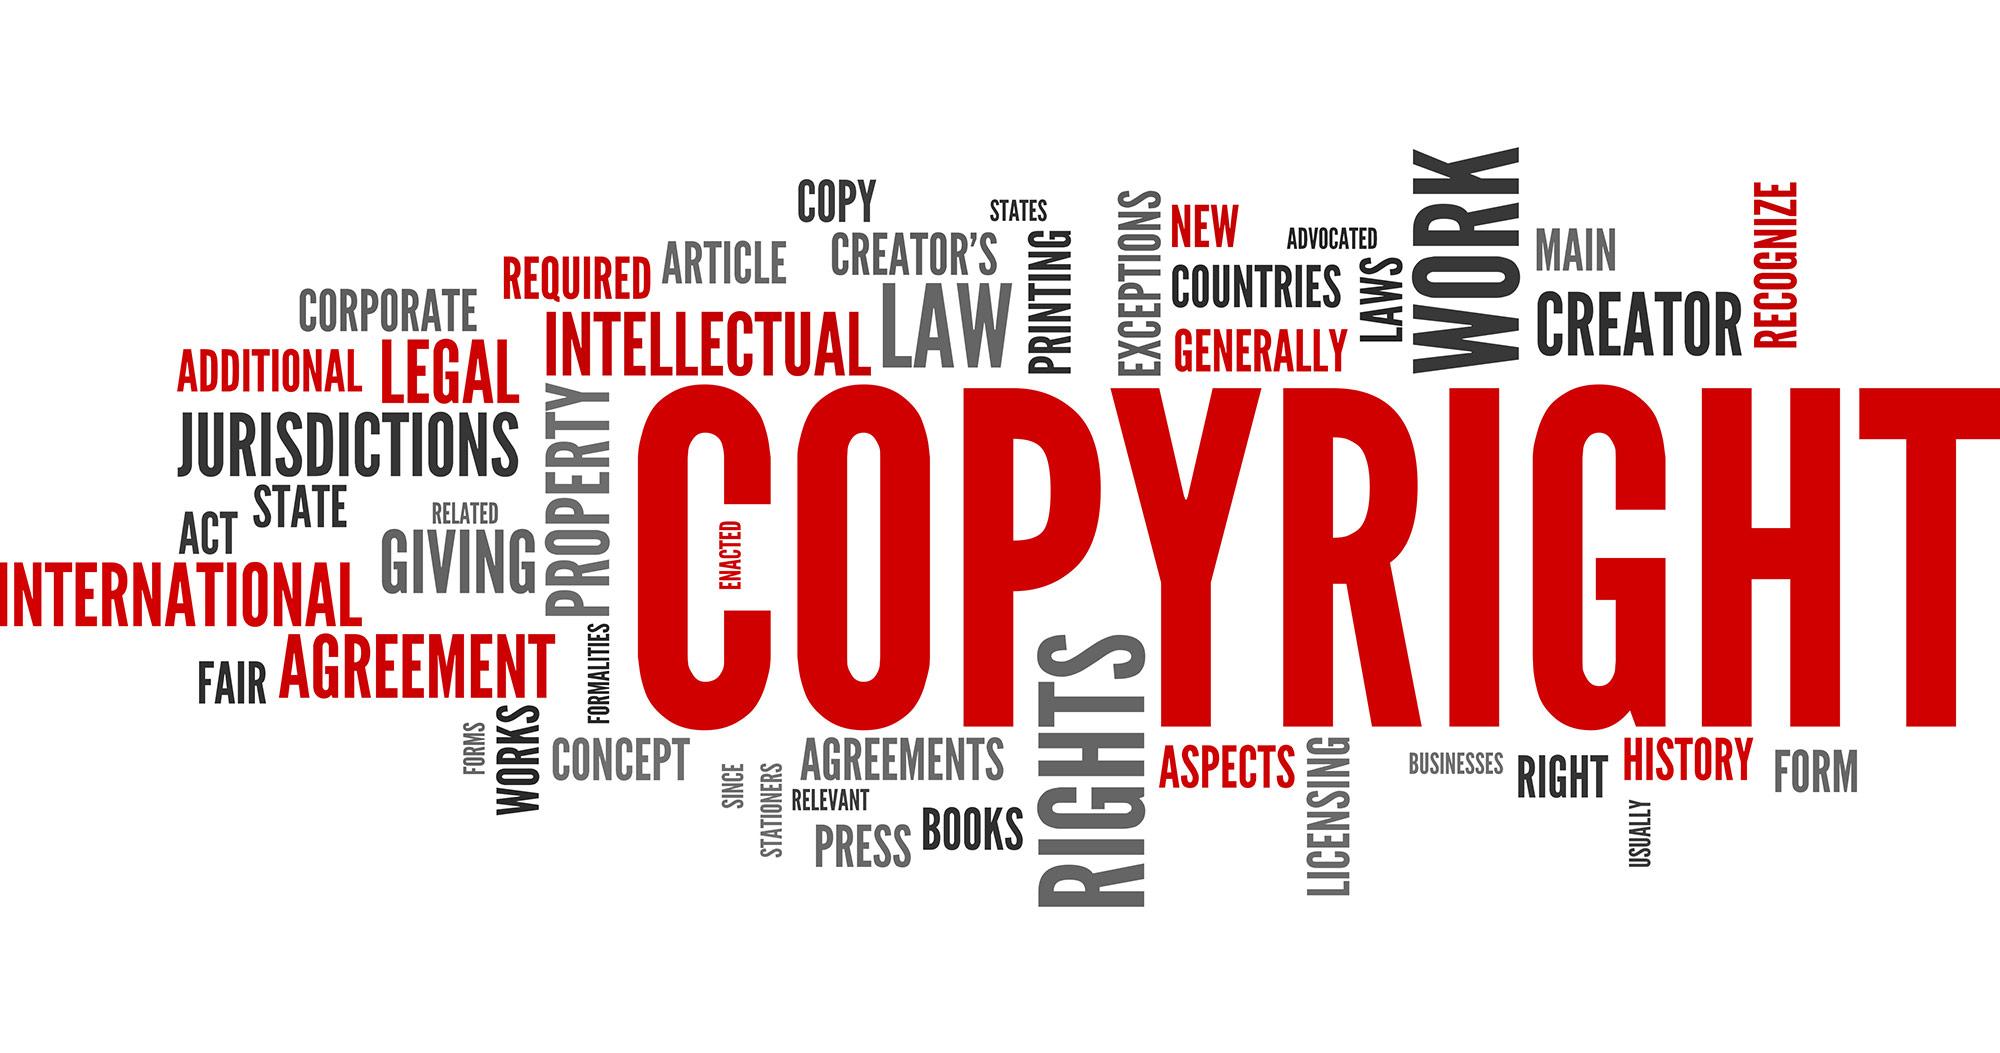 動画販売・制作に関わる権利について